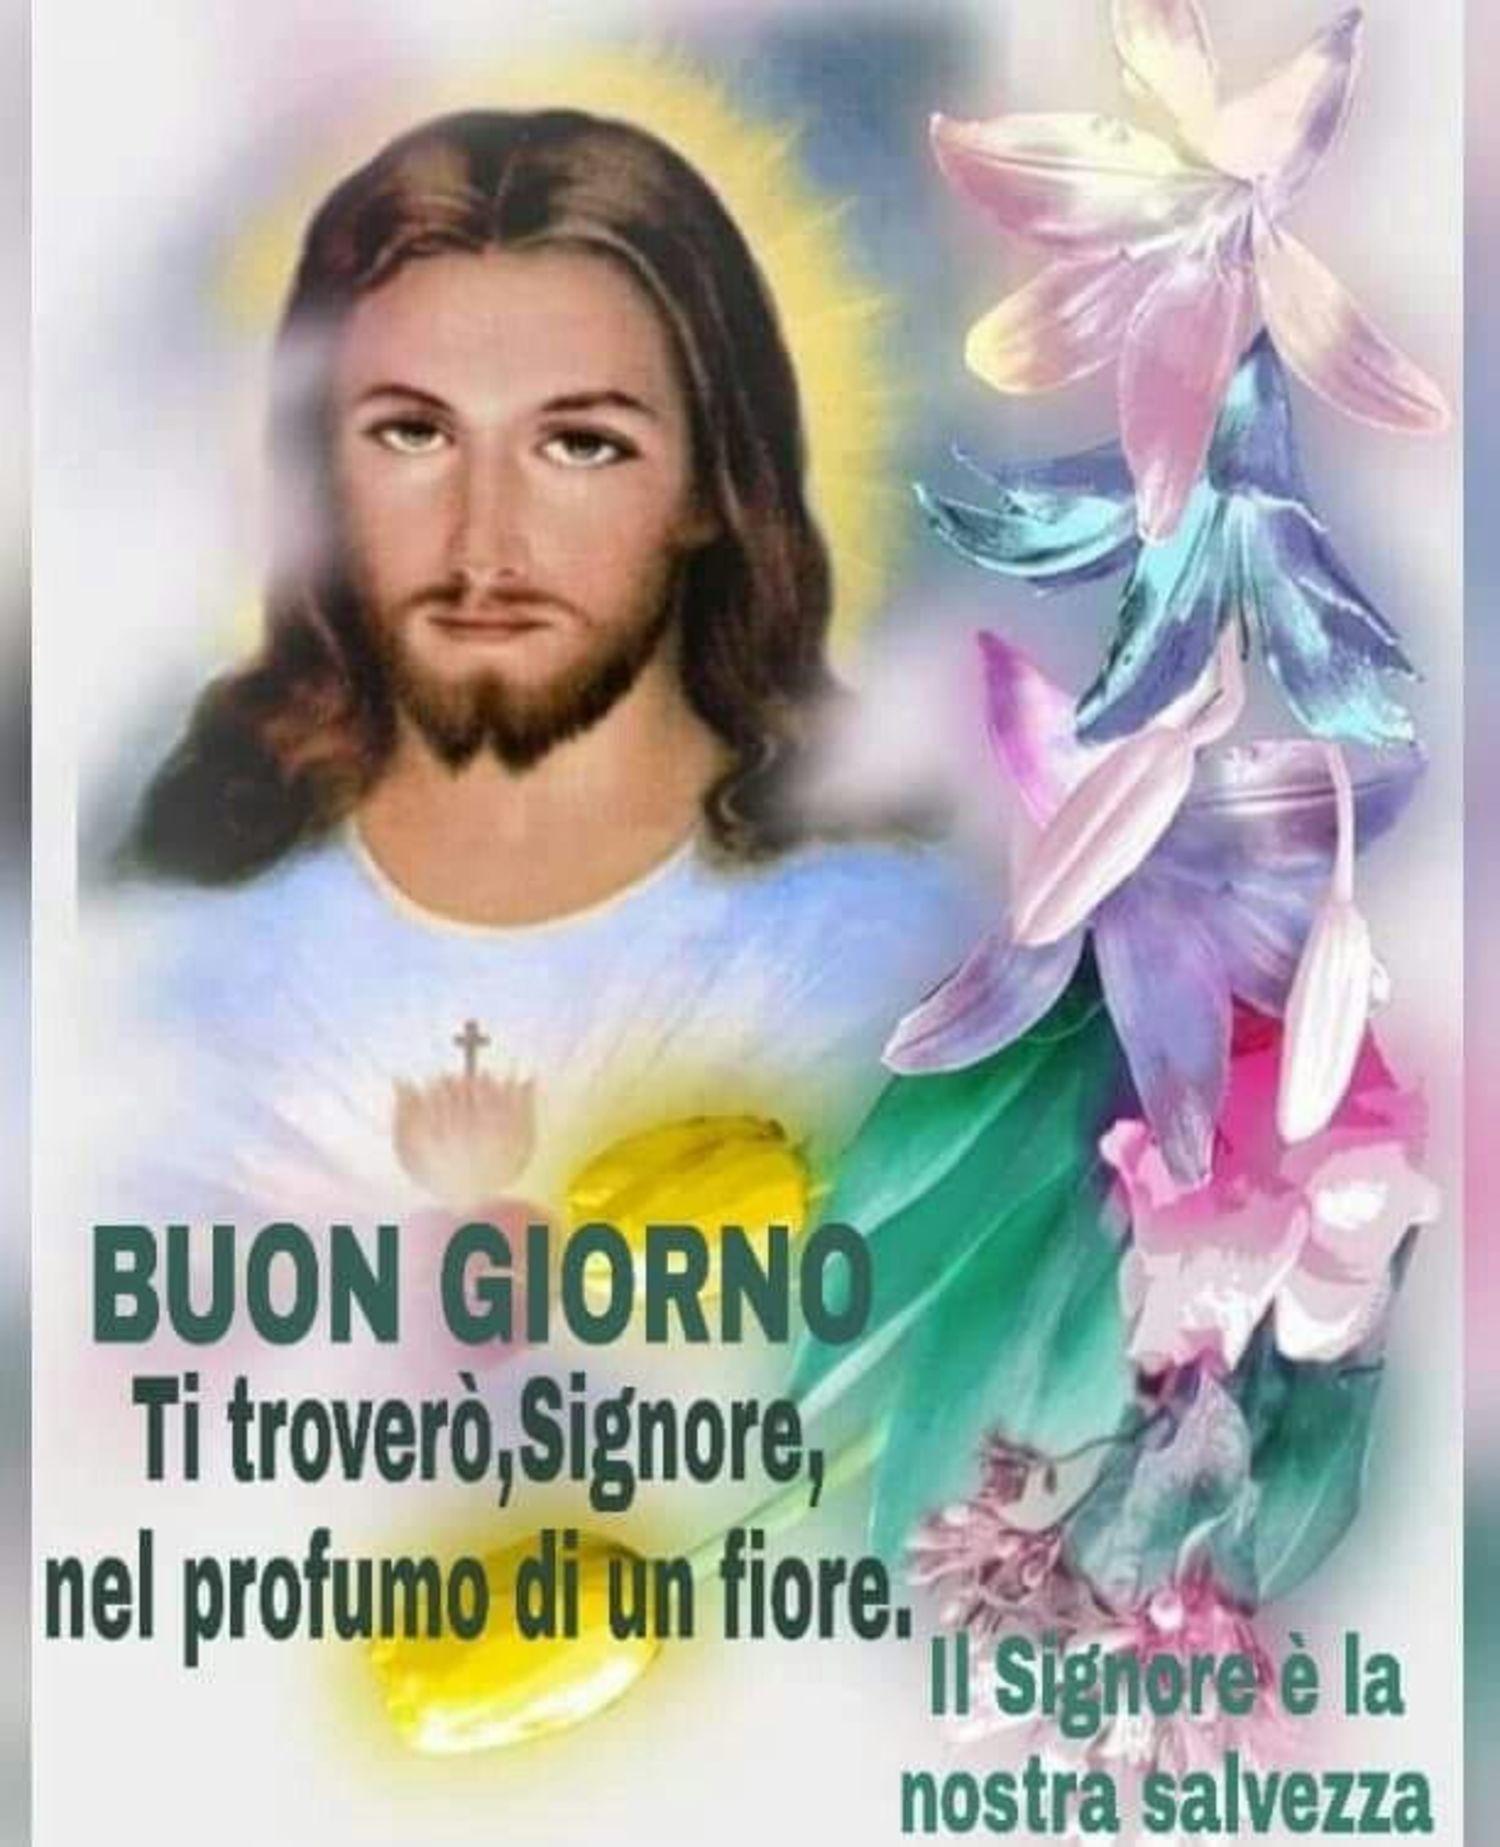 Buongiorno con Gesù immagini 6607